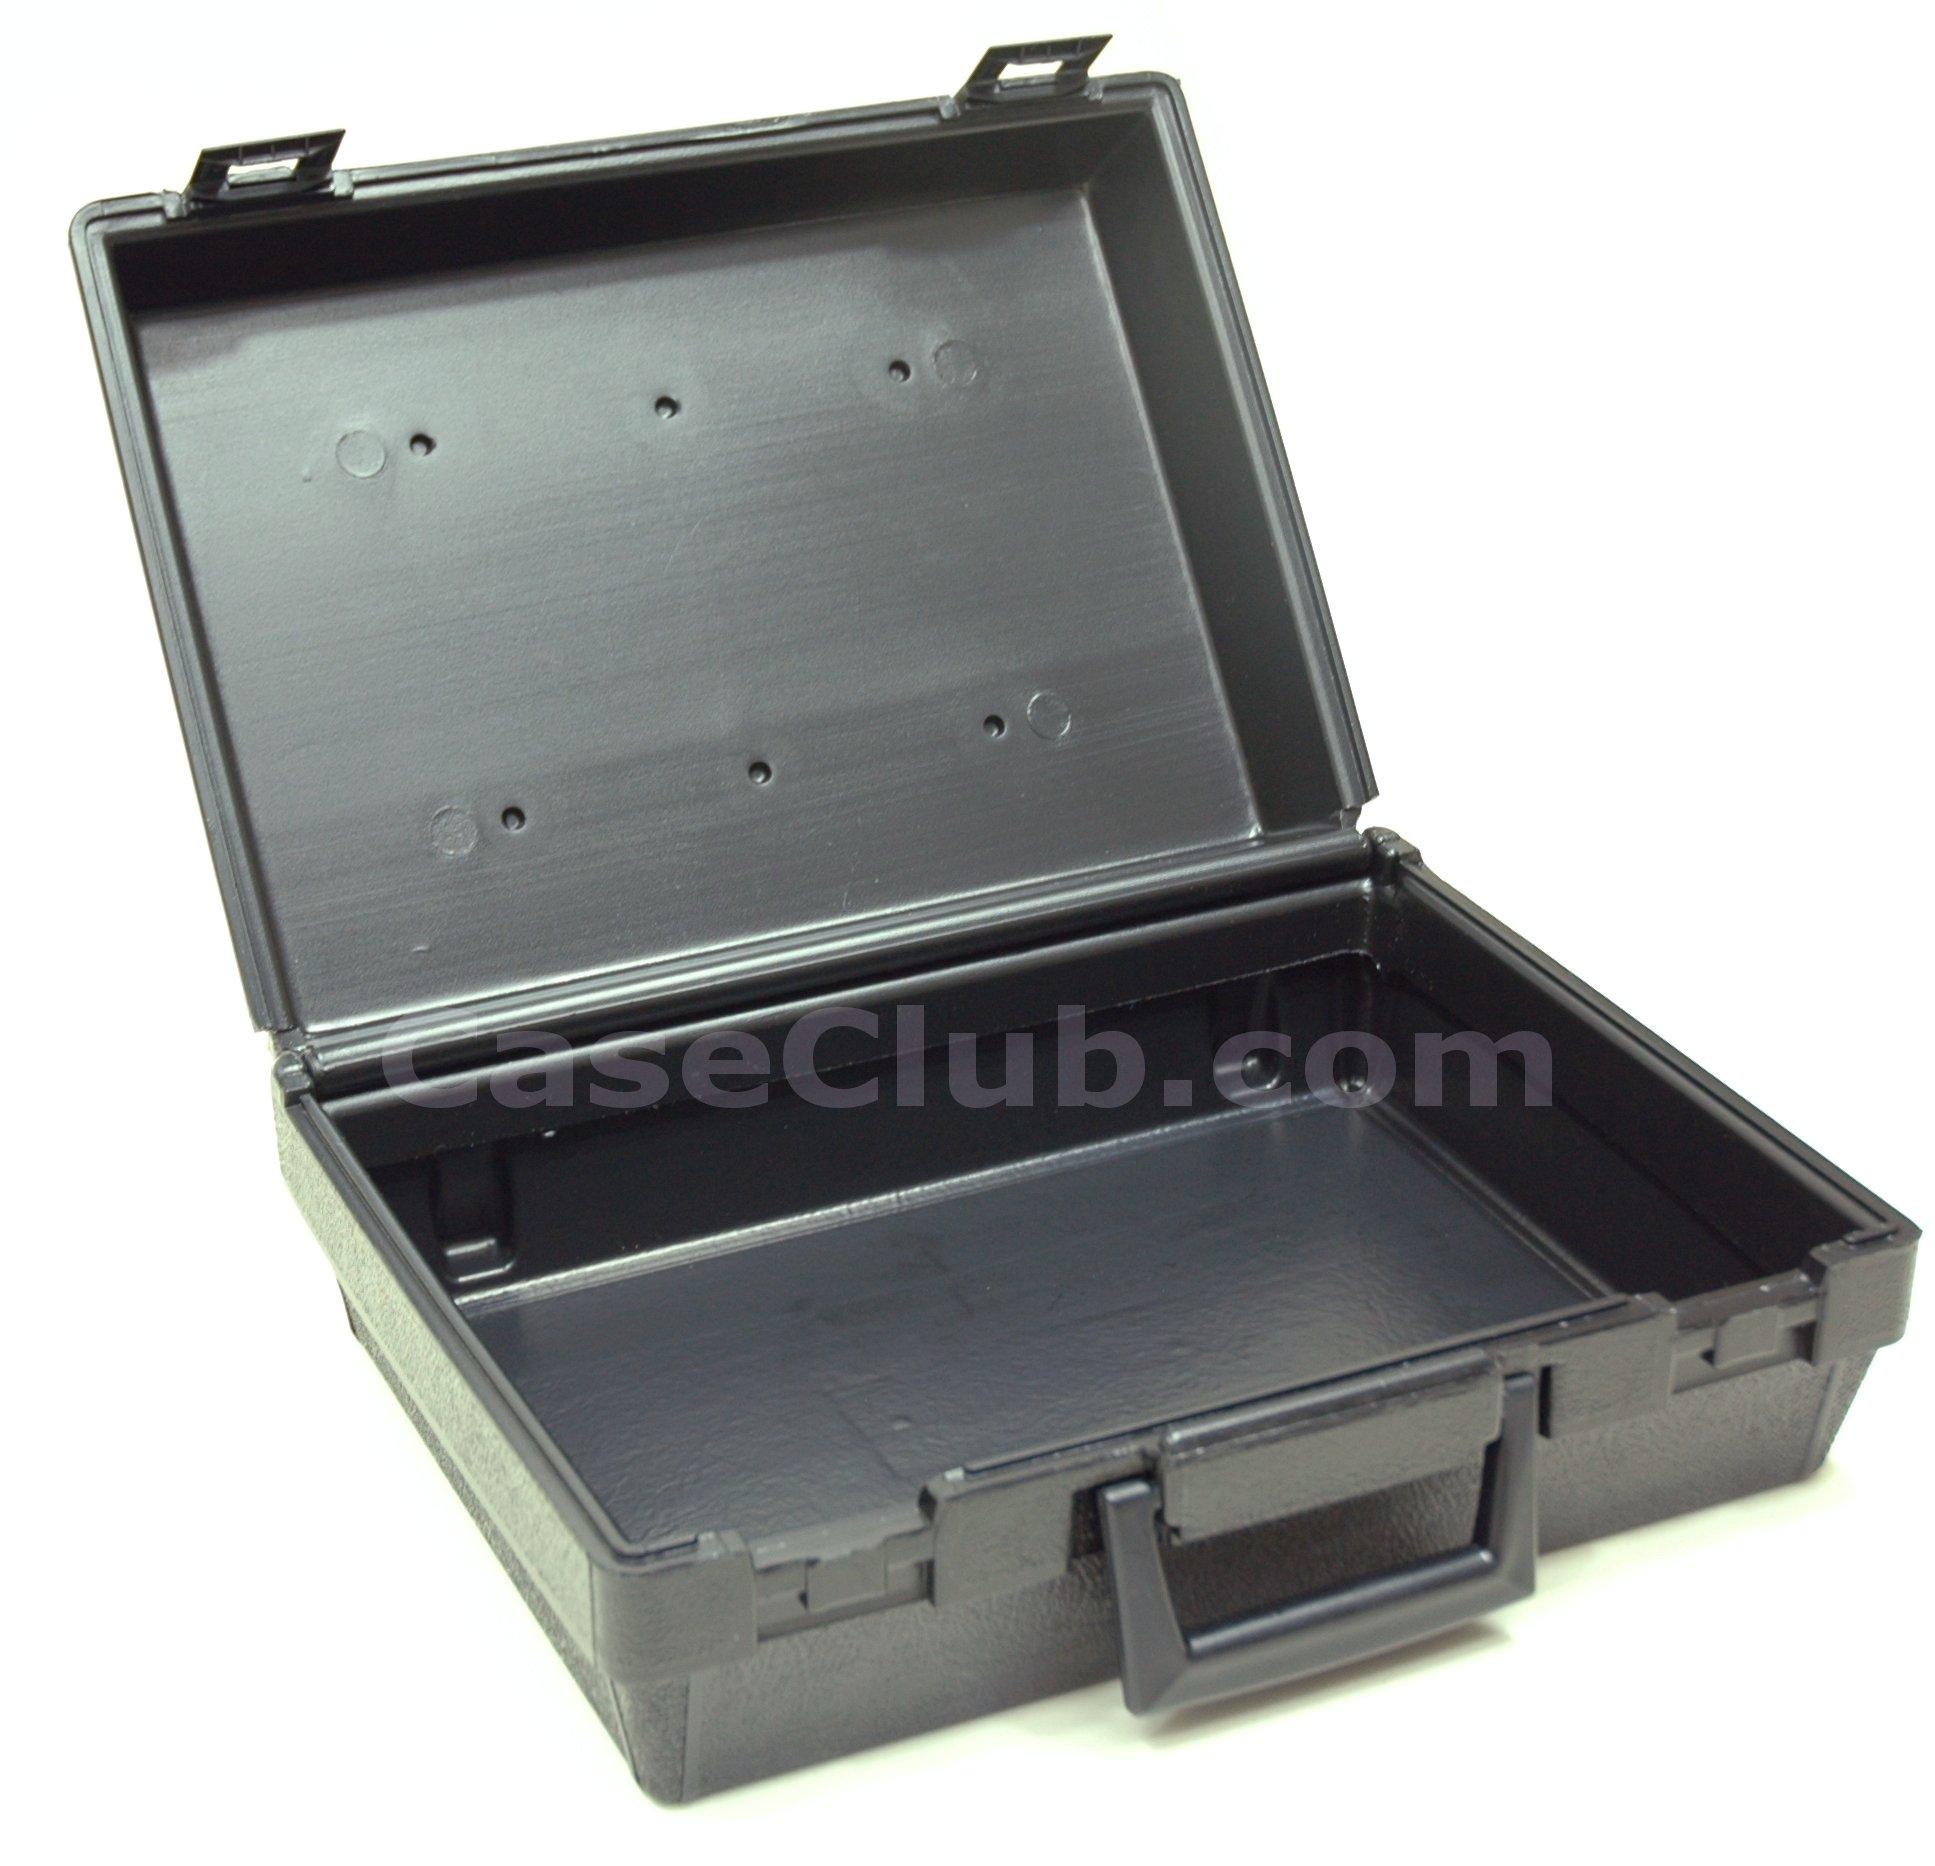 W15x11x5.5 Case